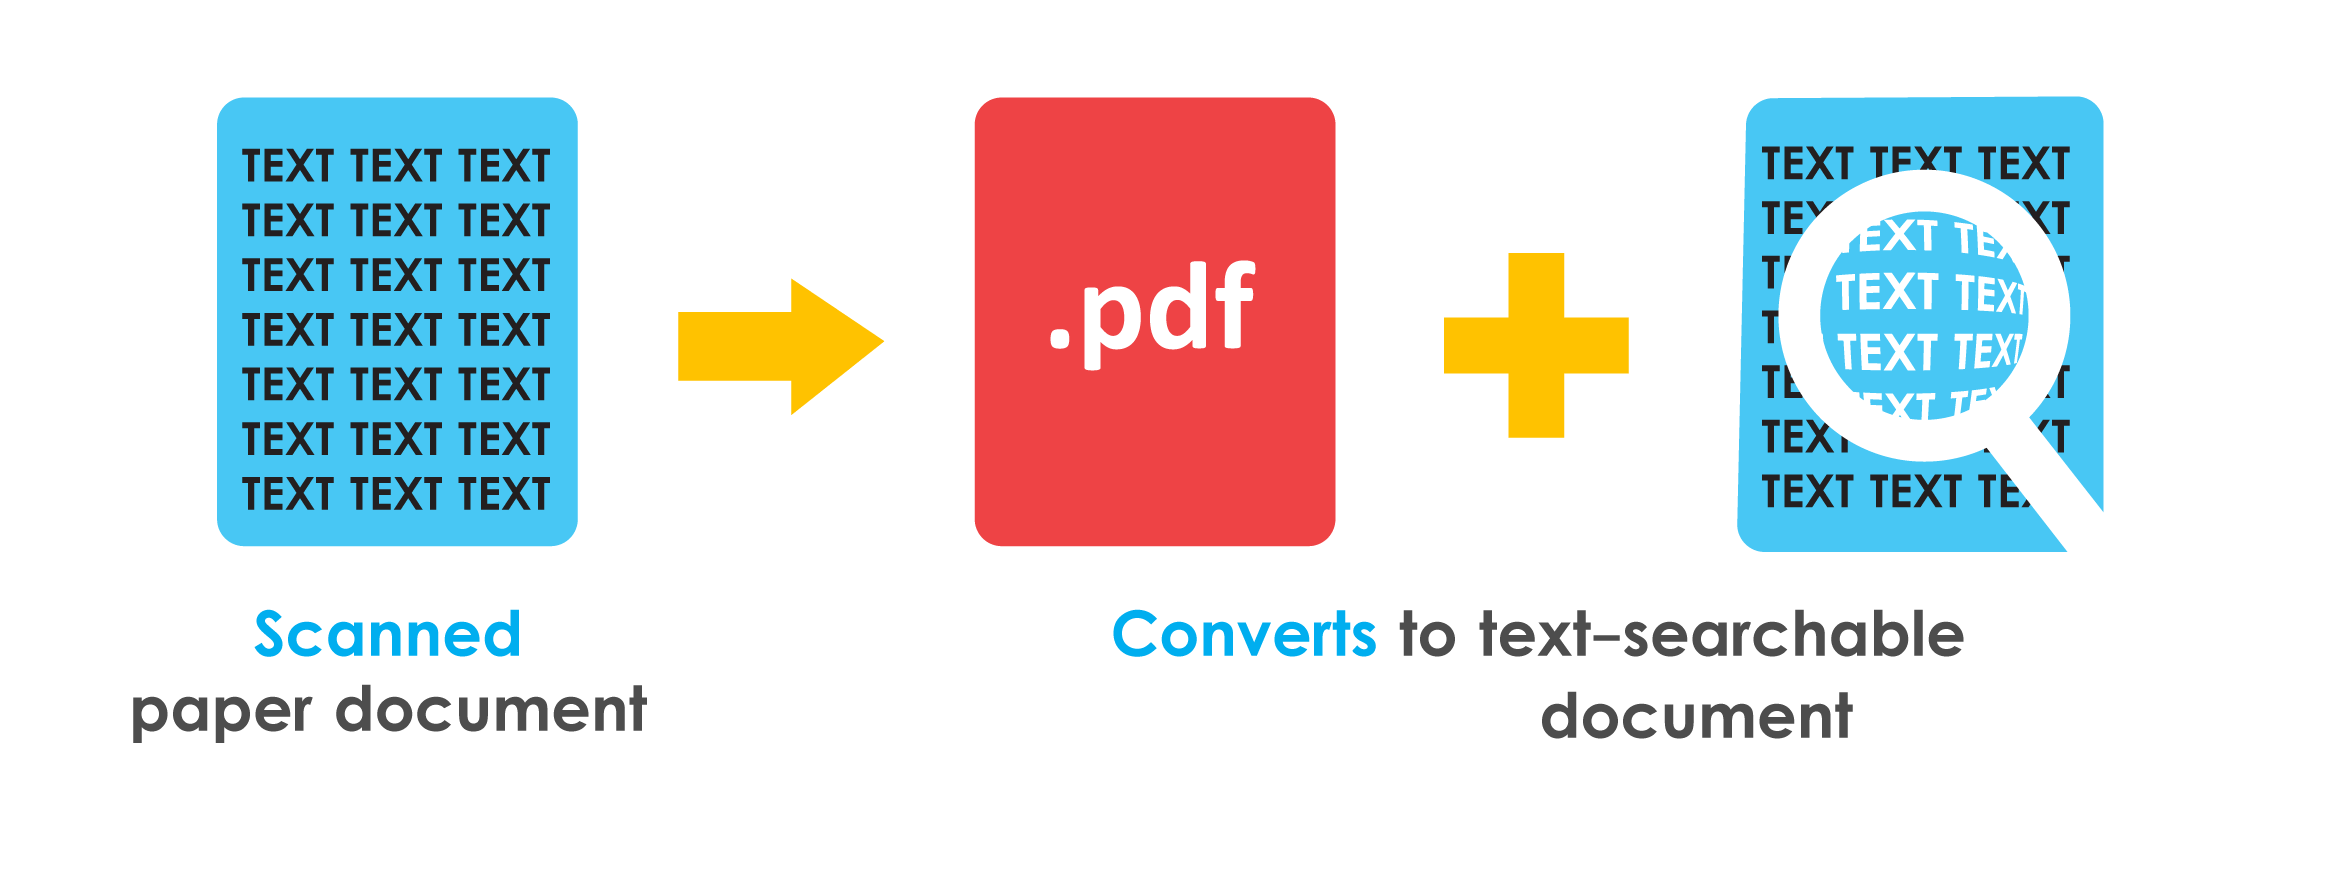 تبدیل عکس به متن قابل ویراش و جستجو